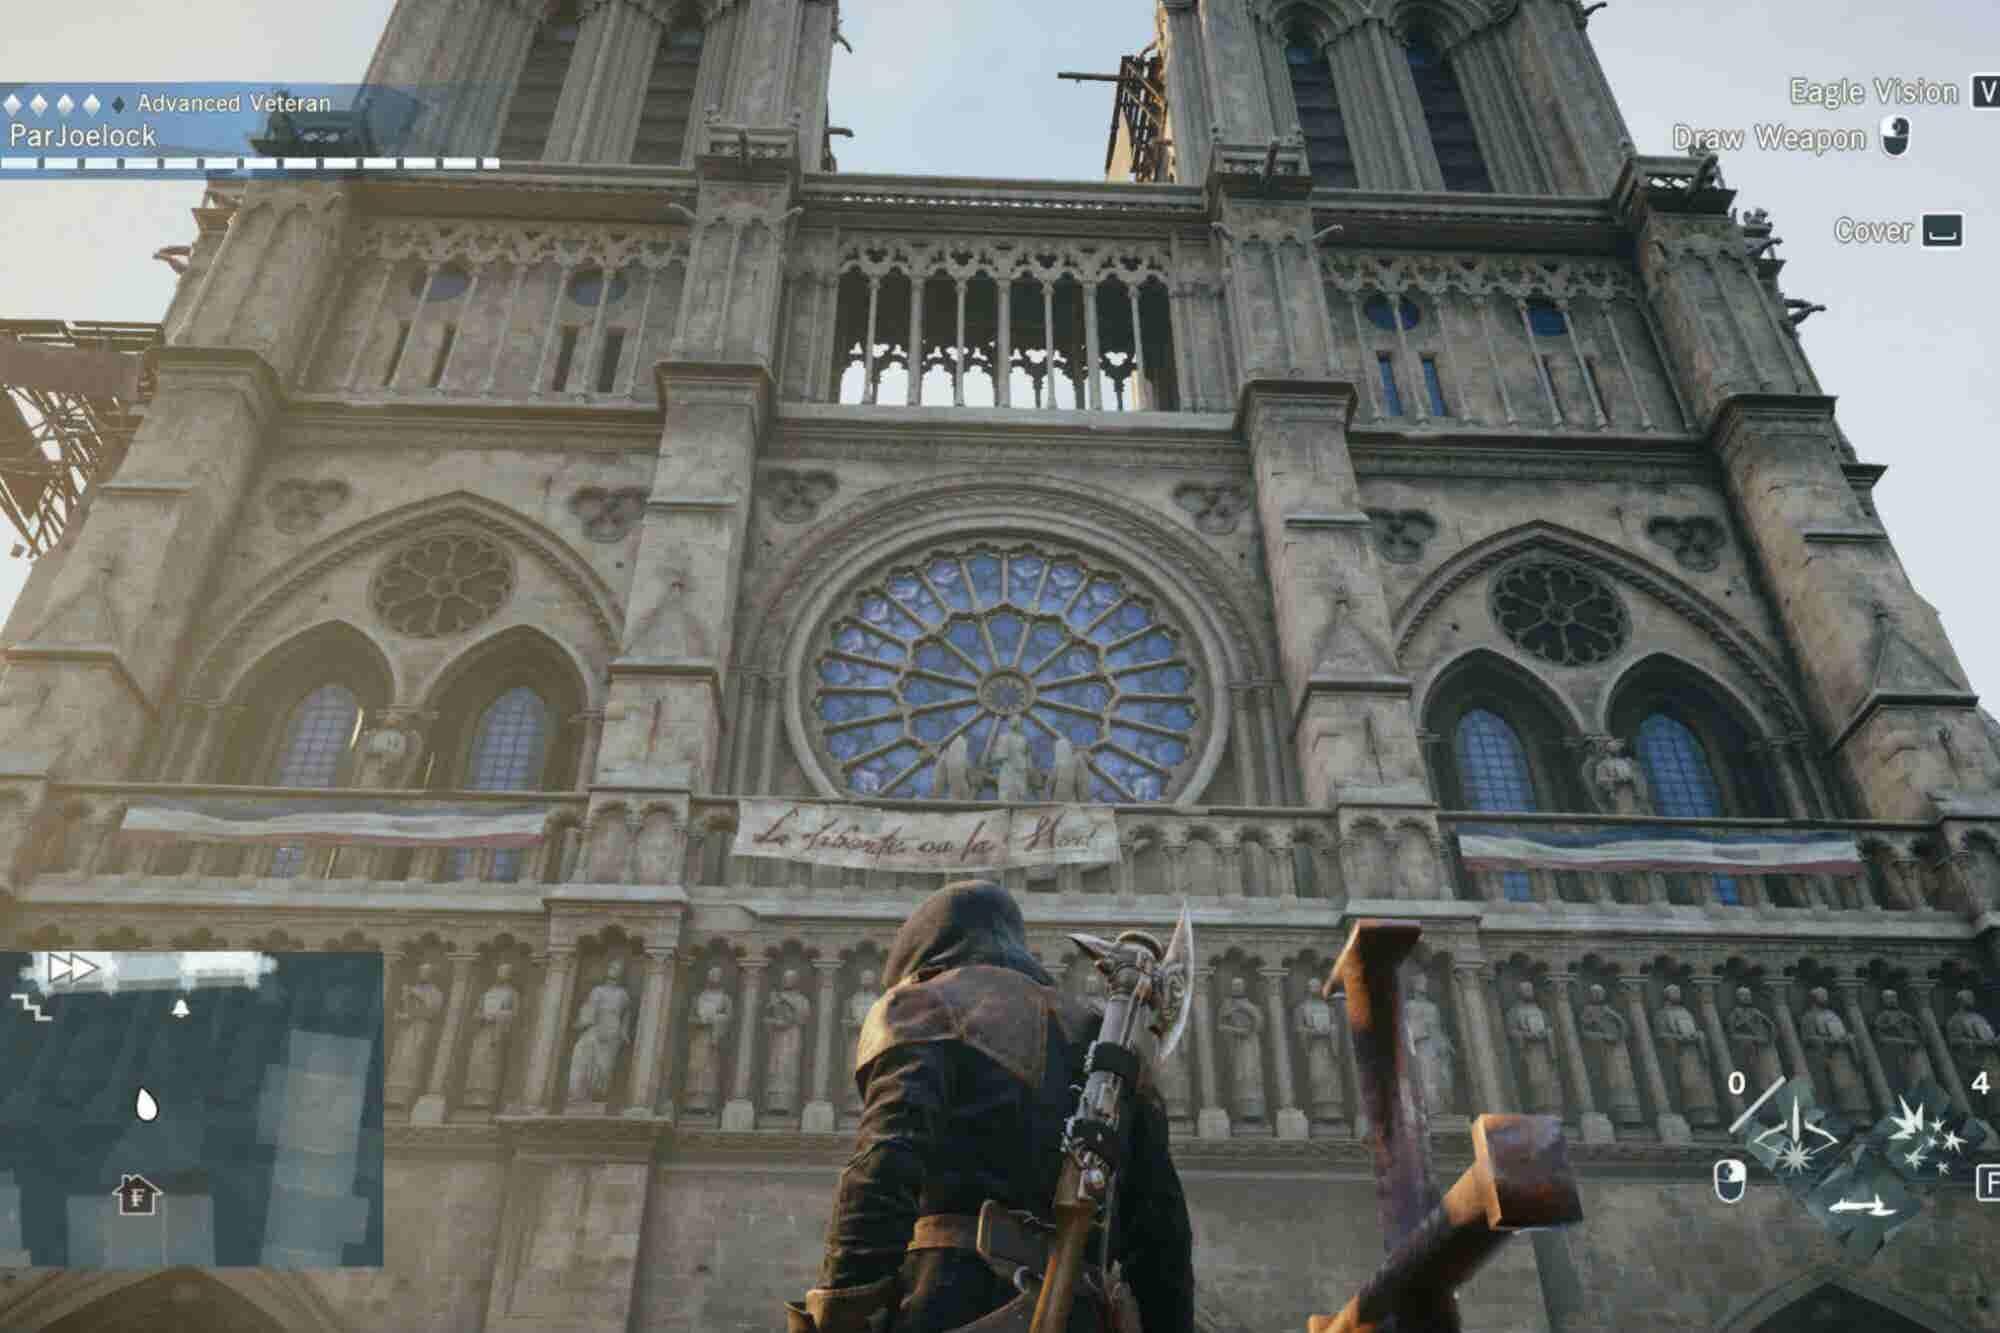 Cómo Assassins Creed podría ayudar a reconstruir Notre Dame